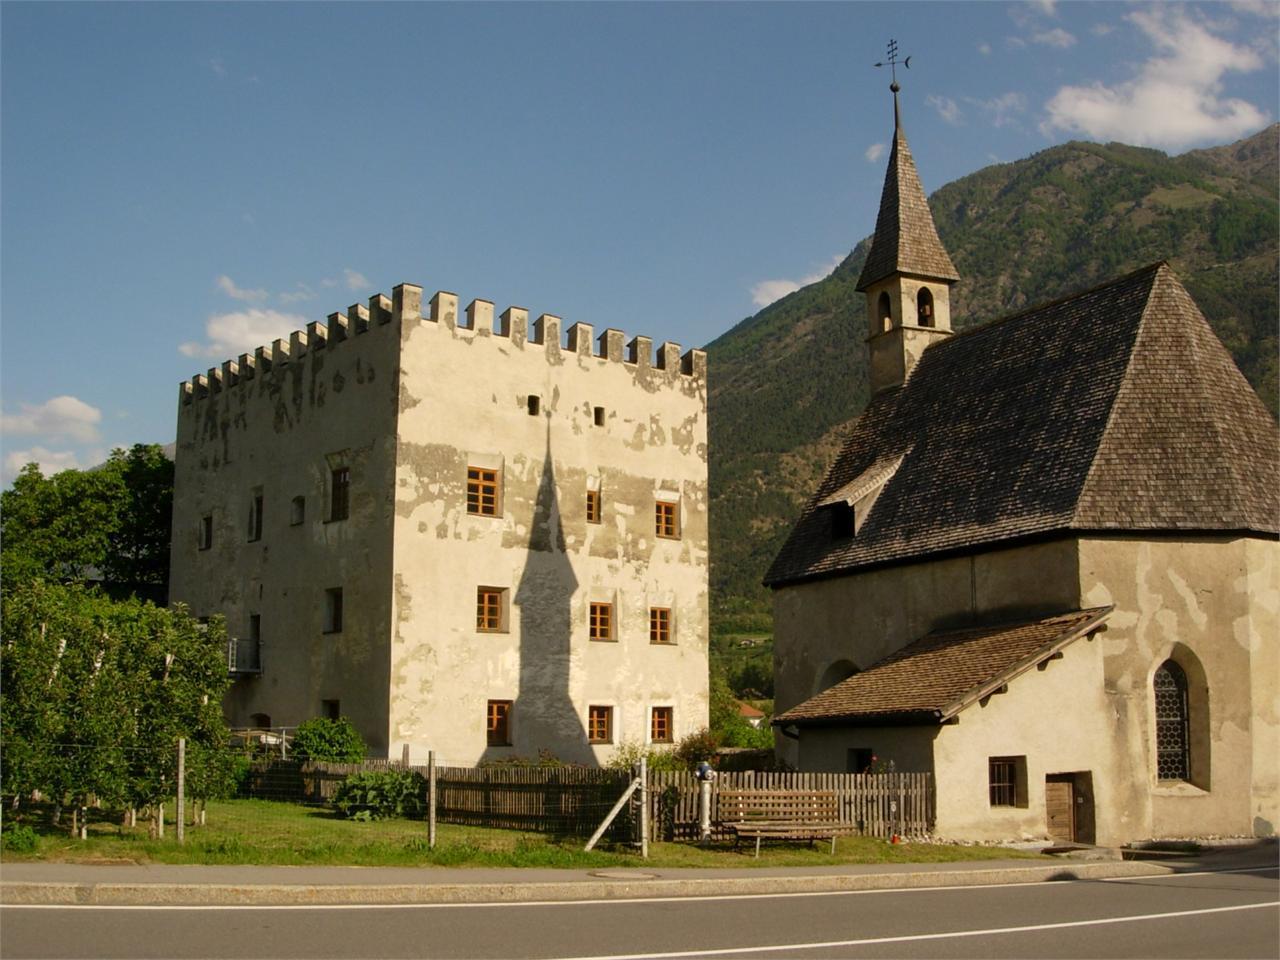 Residence Mairhof in Schanzen